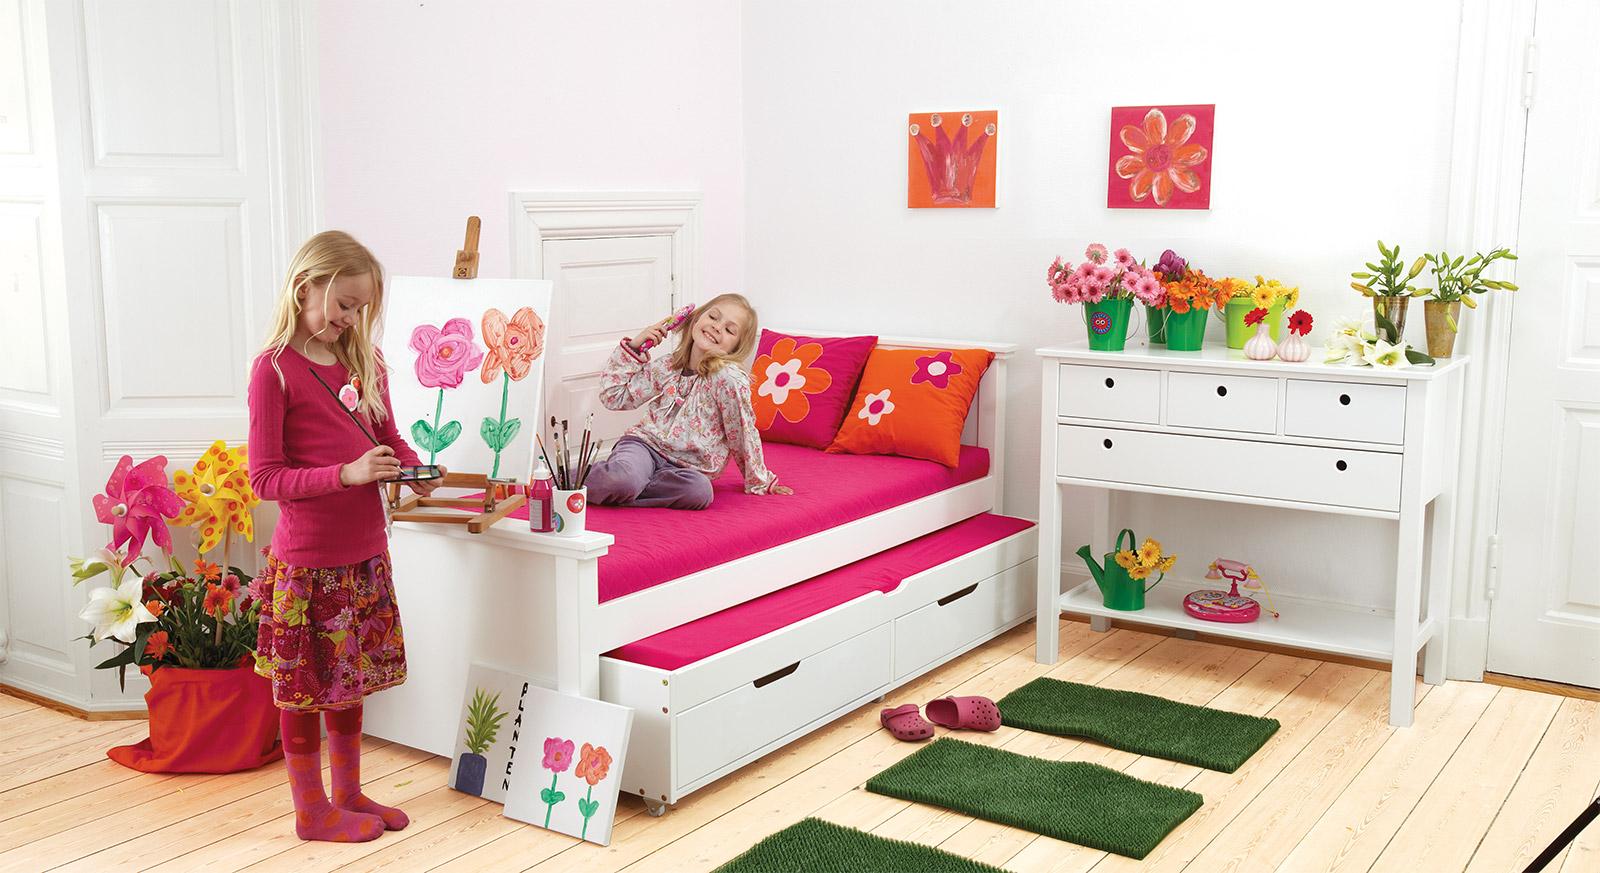 Ausziehbett Kids Royalty mit passenden Produkten